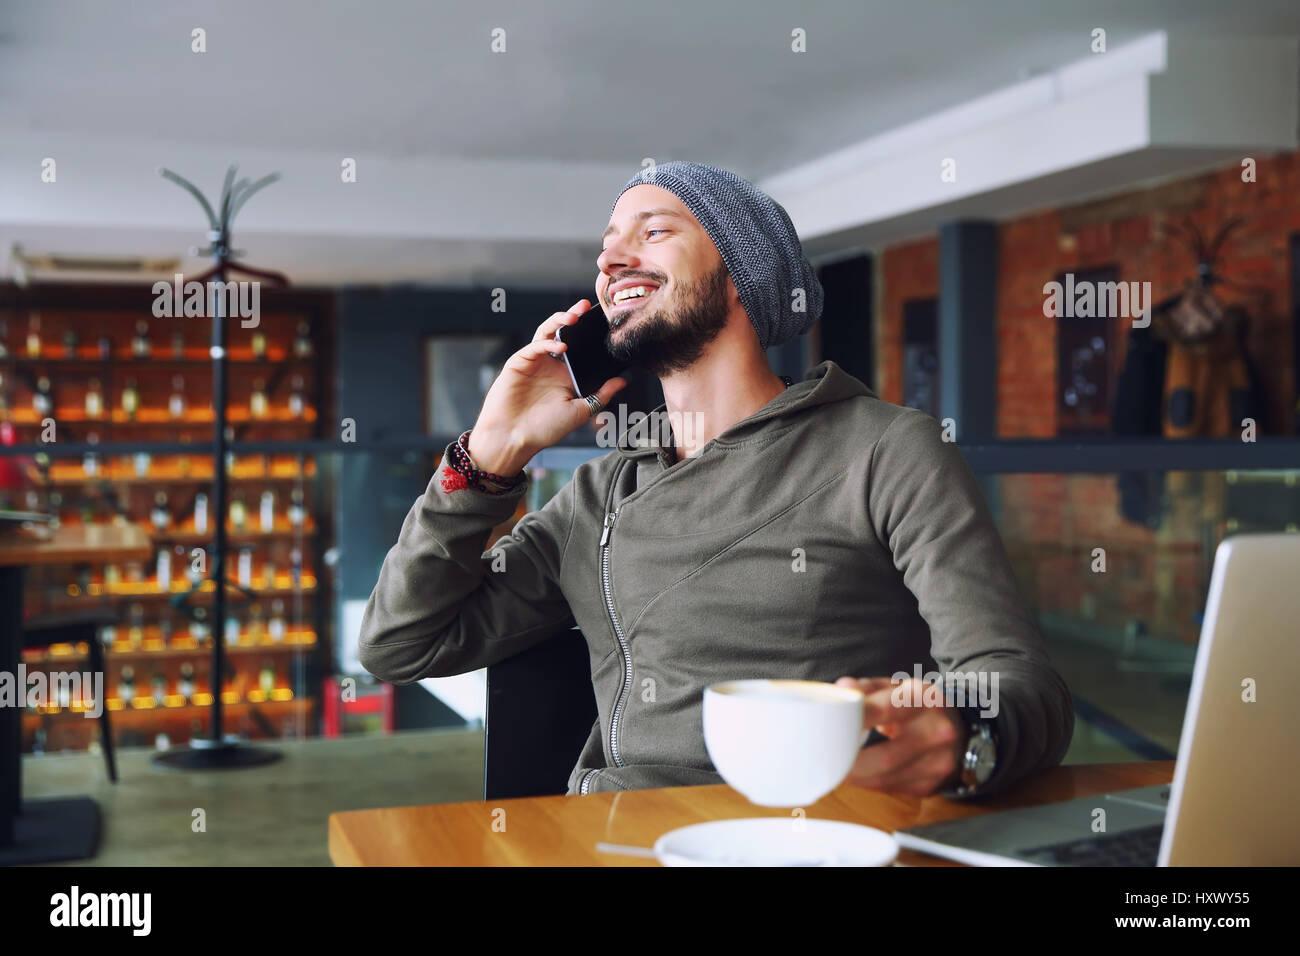 Joven apuesto hipster hombre con barba sentado en la cafetería hablando de teléfonos móviles, sosteniendo Imagen De Stock